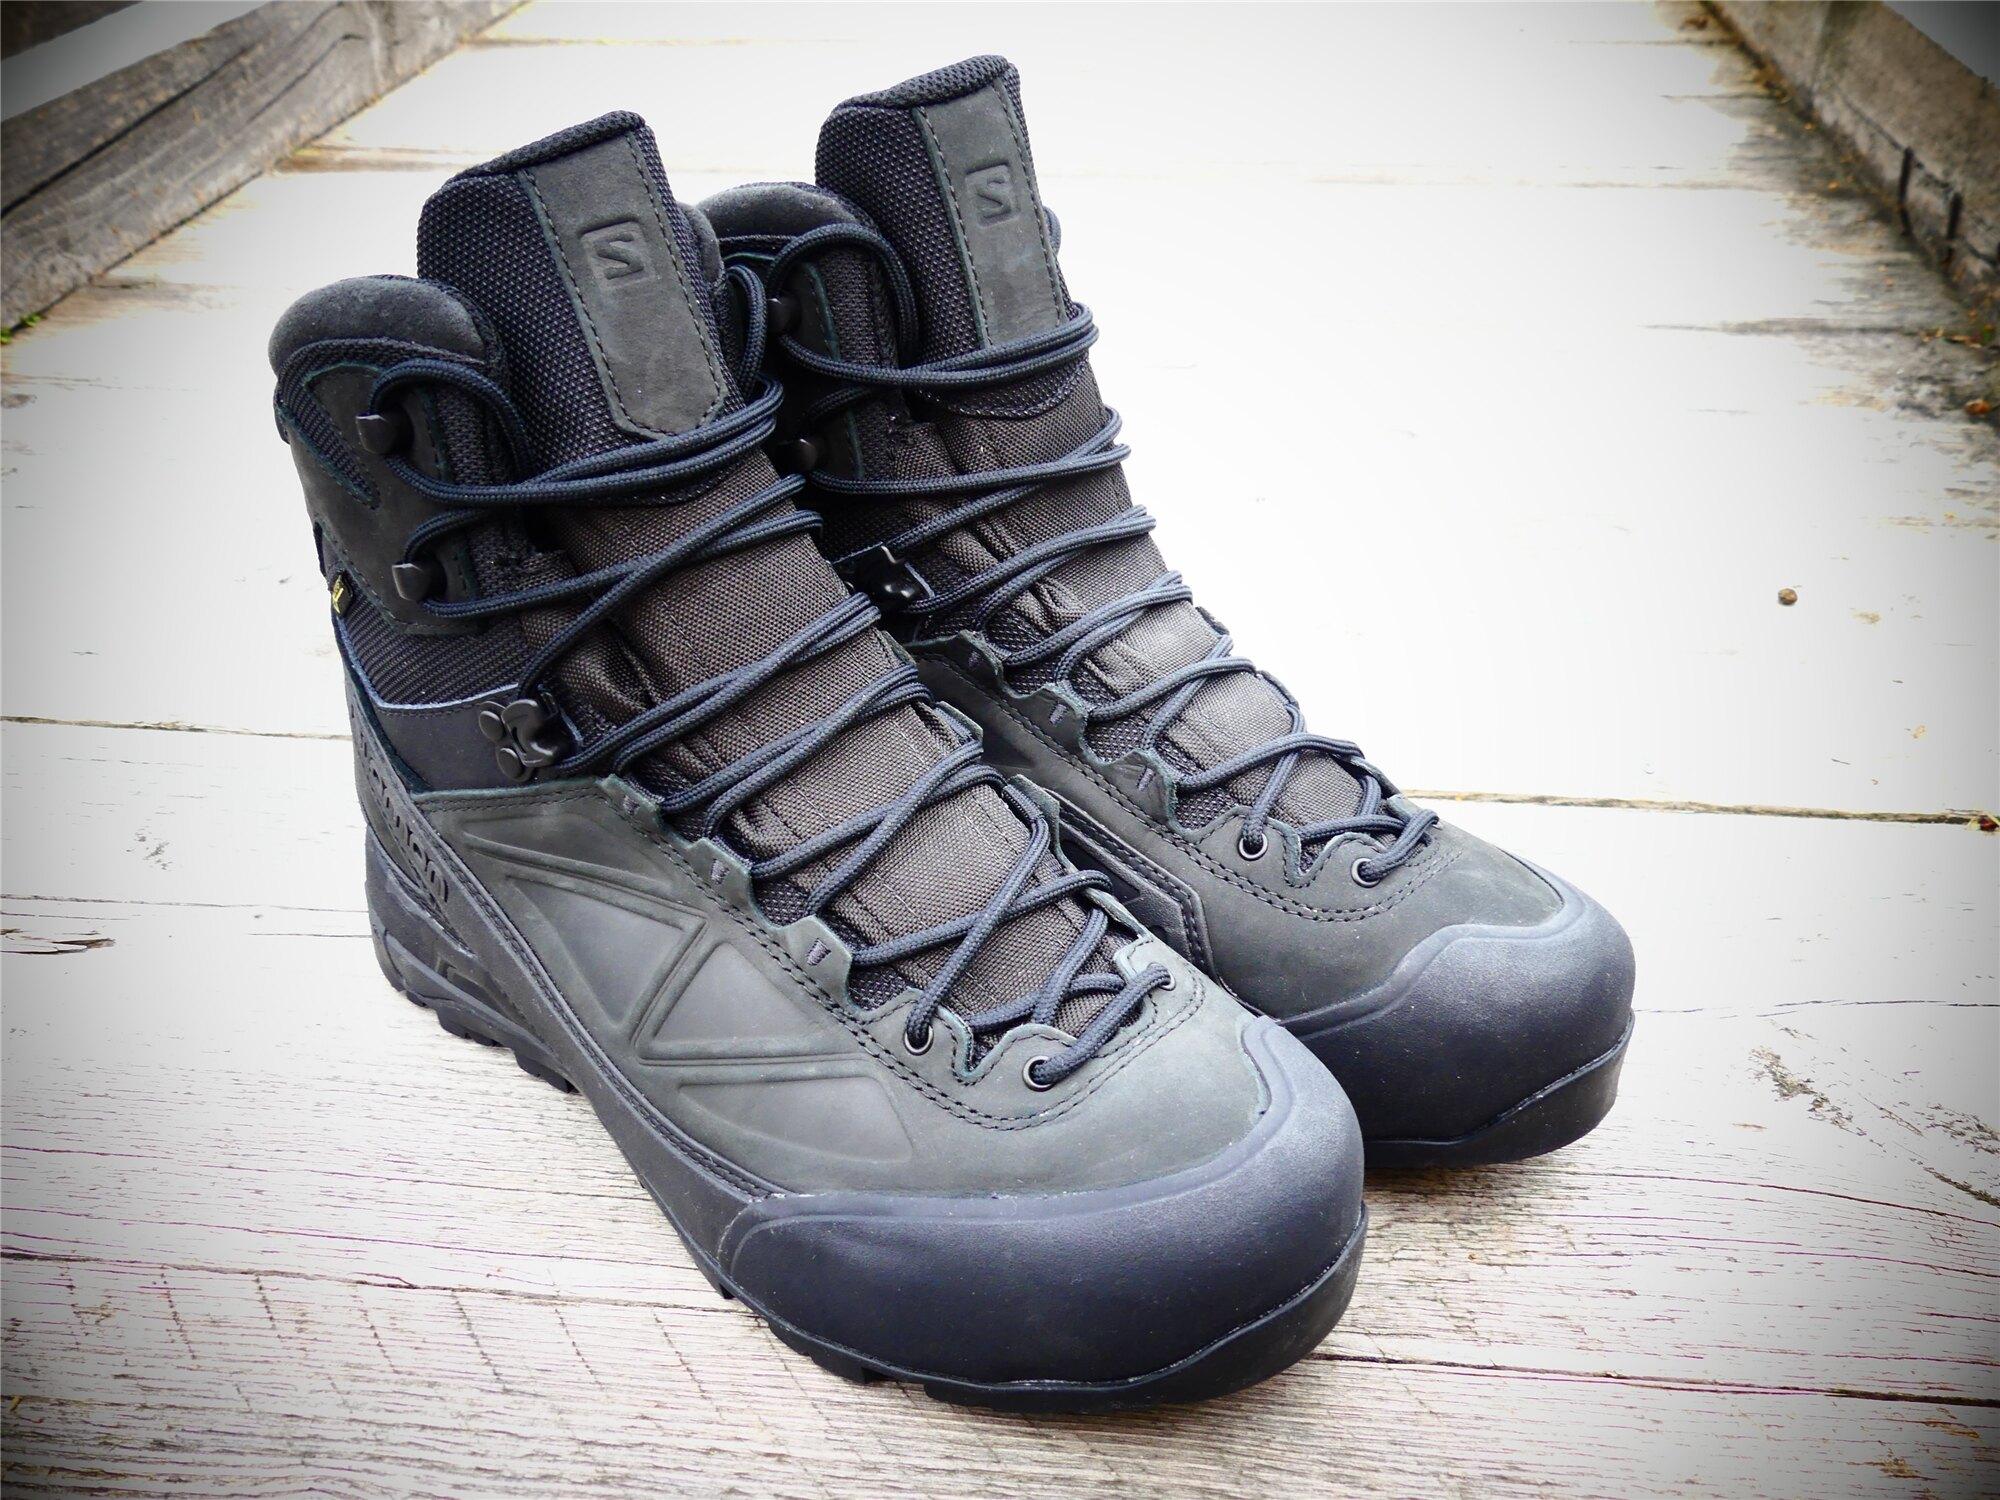 Topánky Salomon® X ALP MTN GTX Forces - čierne (Veľkosť: 9)